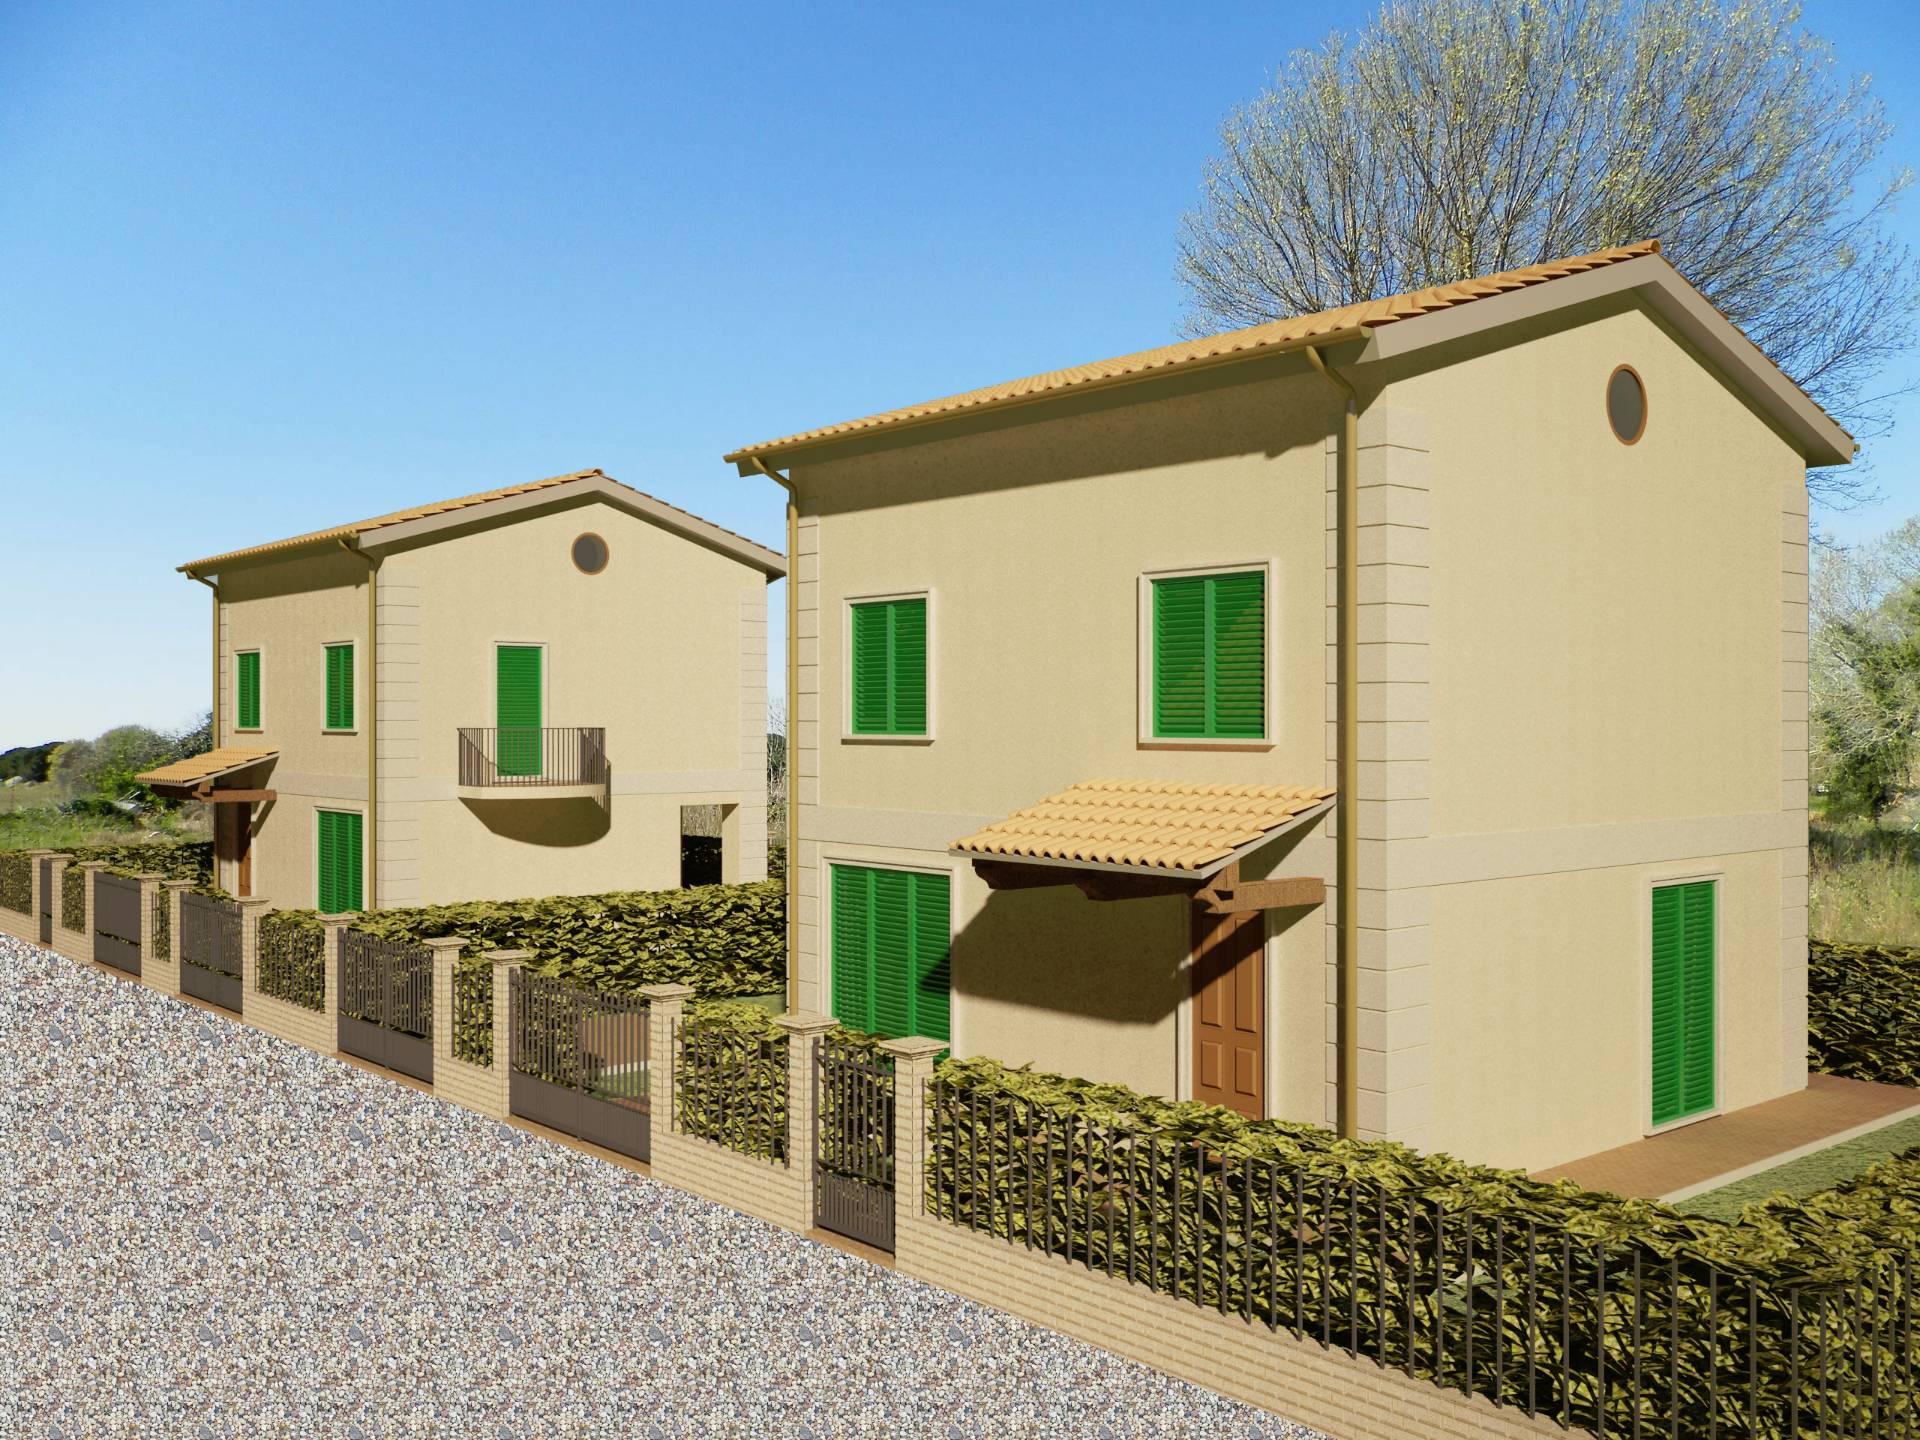 Terreno Edificabile Residenziale in vendita a Pisa, 9999 locali, zona Zona: Barbaricina, prezzo € 120.000 | CambioCasa.it